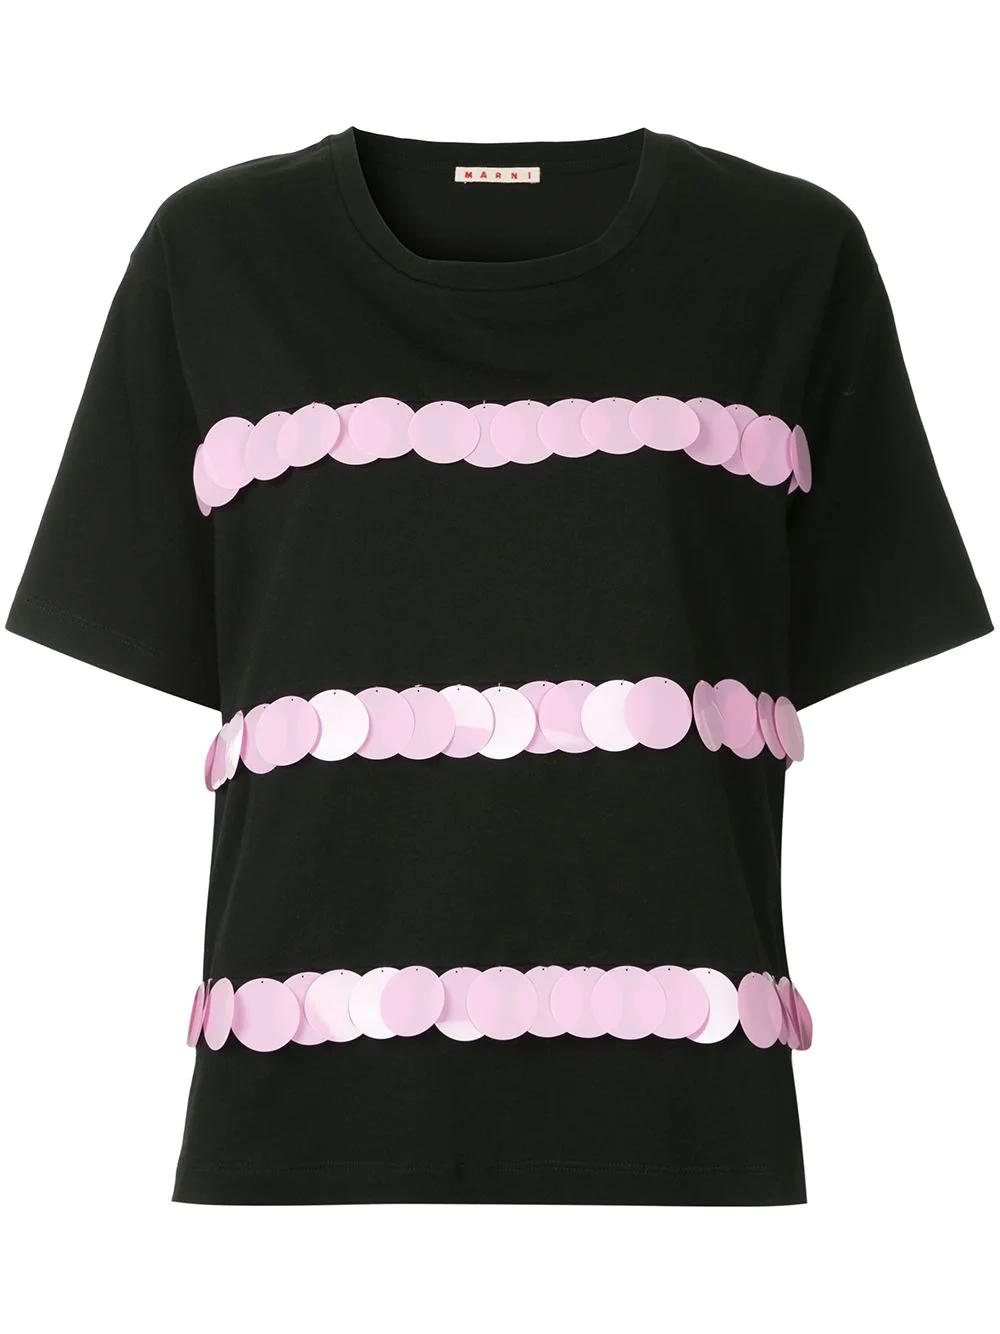 Marni | Marni блузка с короткими рукавами и отделкой | Clouty